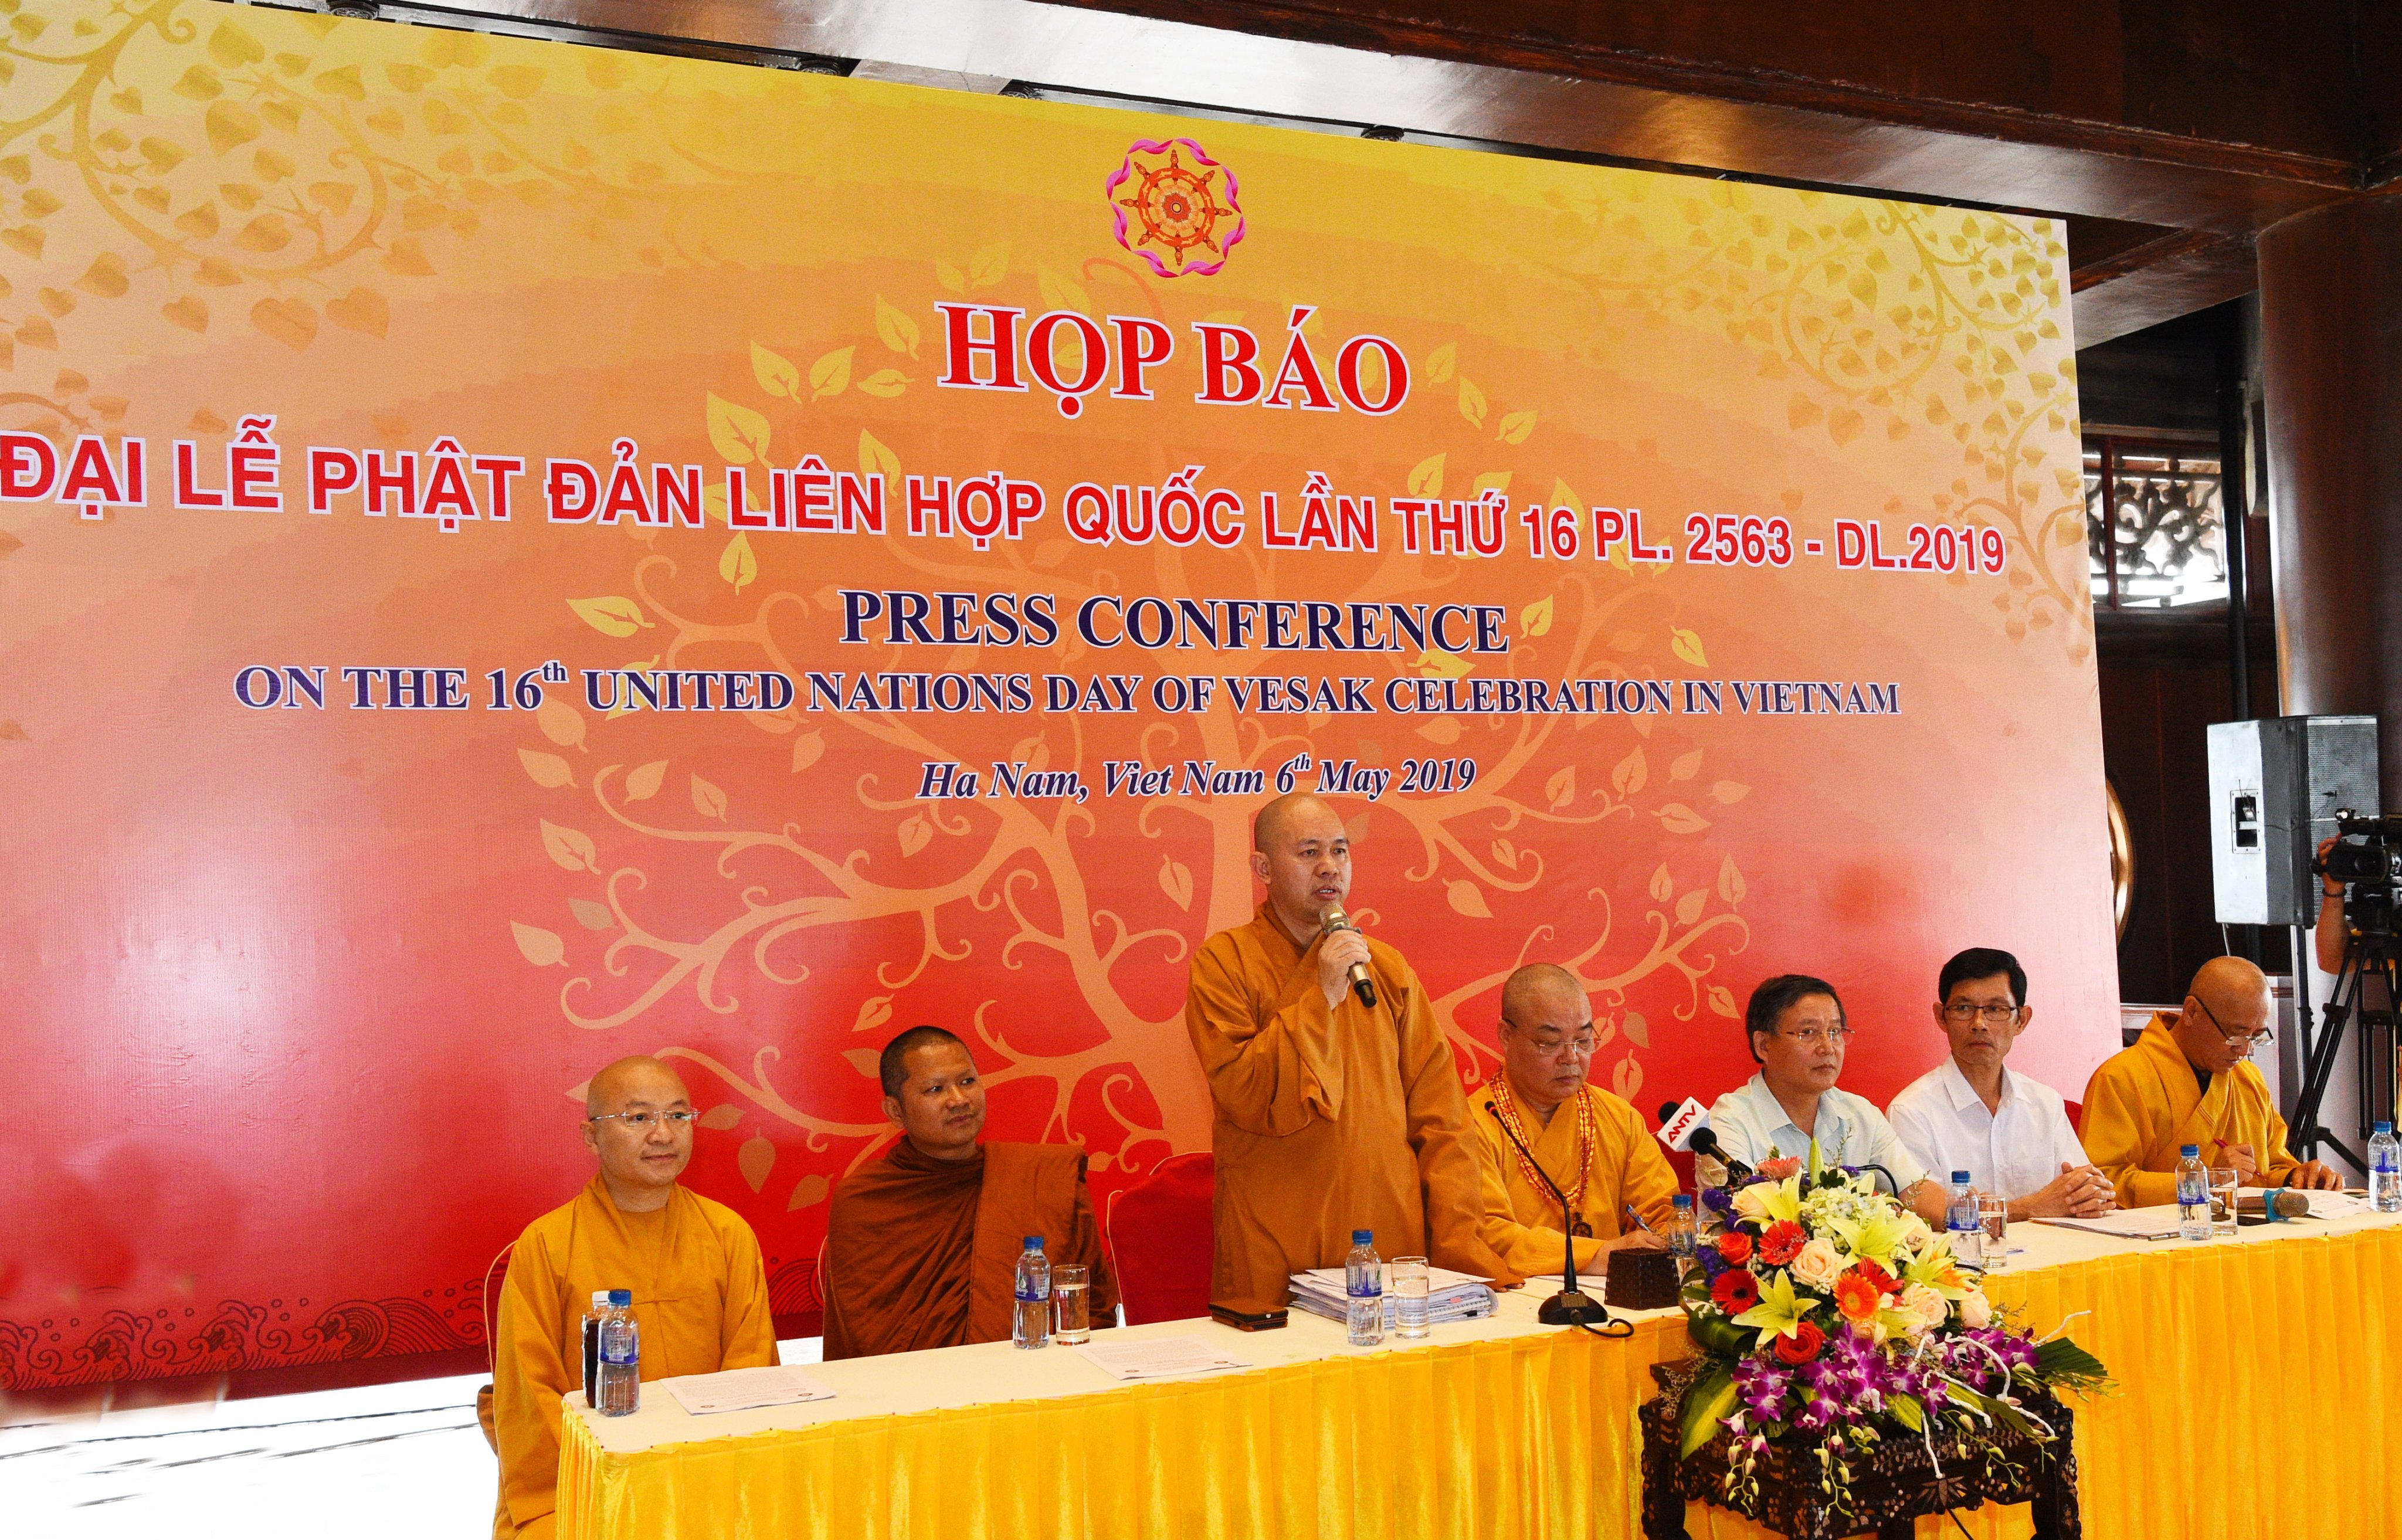 """Tuần lễ """"Triển lãm tranh Thiền - Phật giáo"""" tại TpHCM (20-25/4/2019) chủ đề  TRANH PHẬT GIÁO - NGỌN GIÓ THIỀN."""